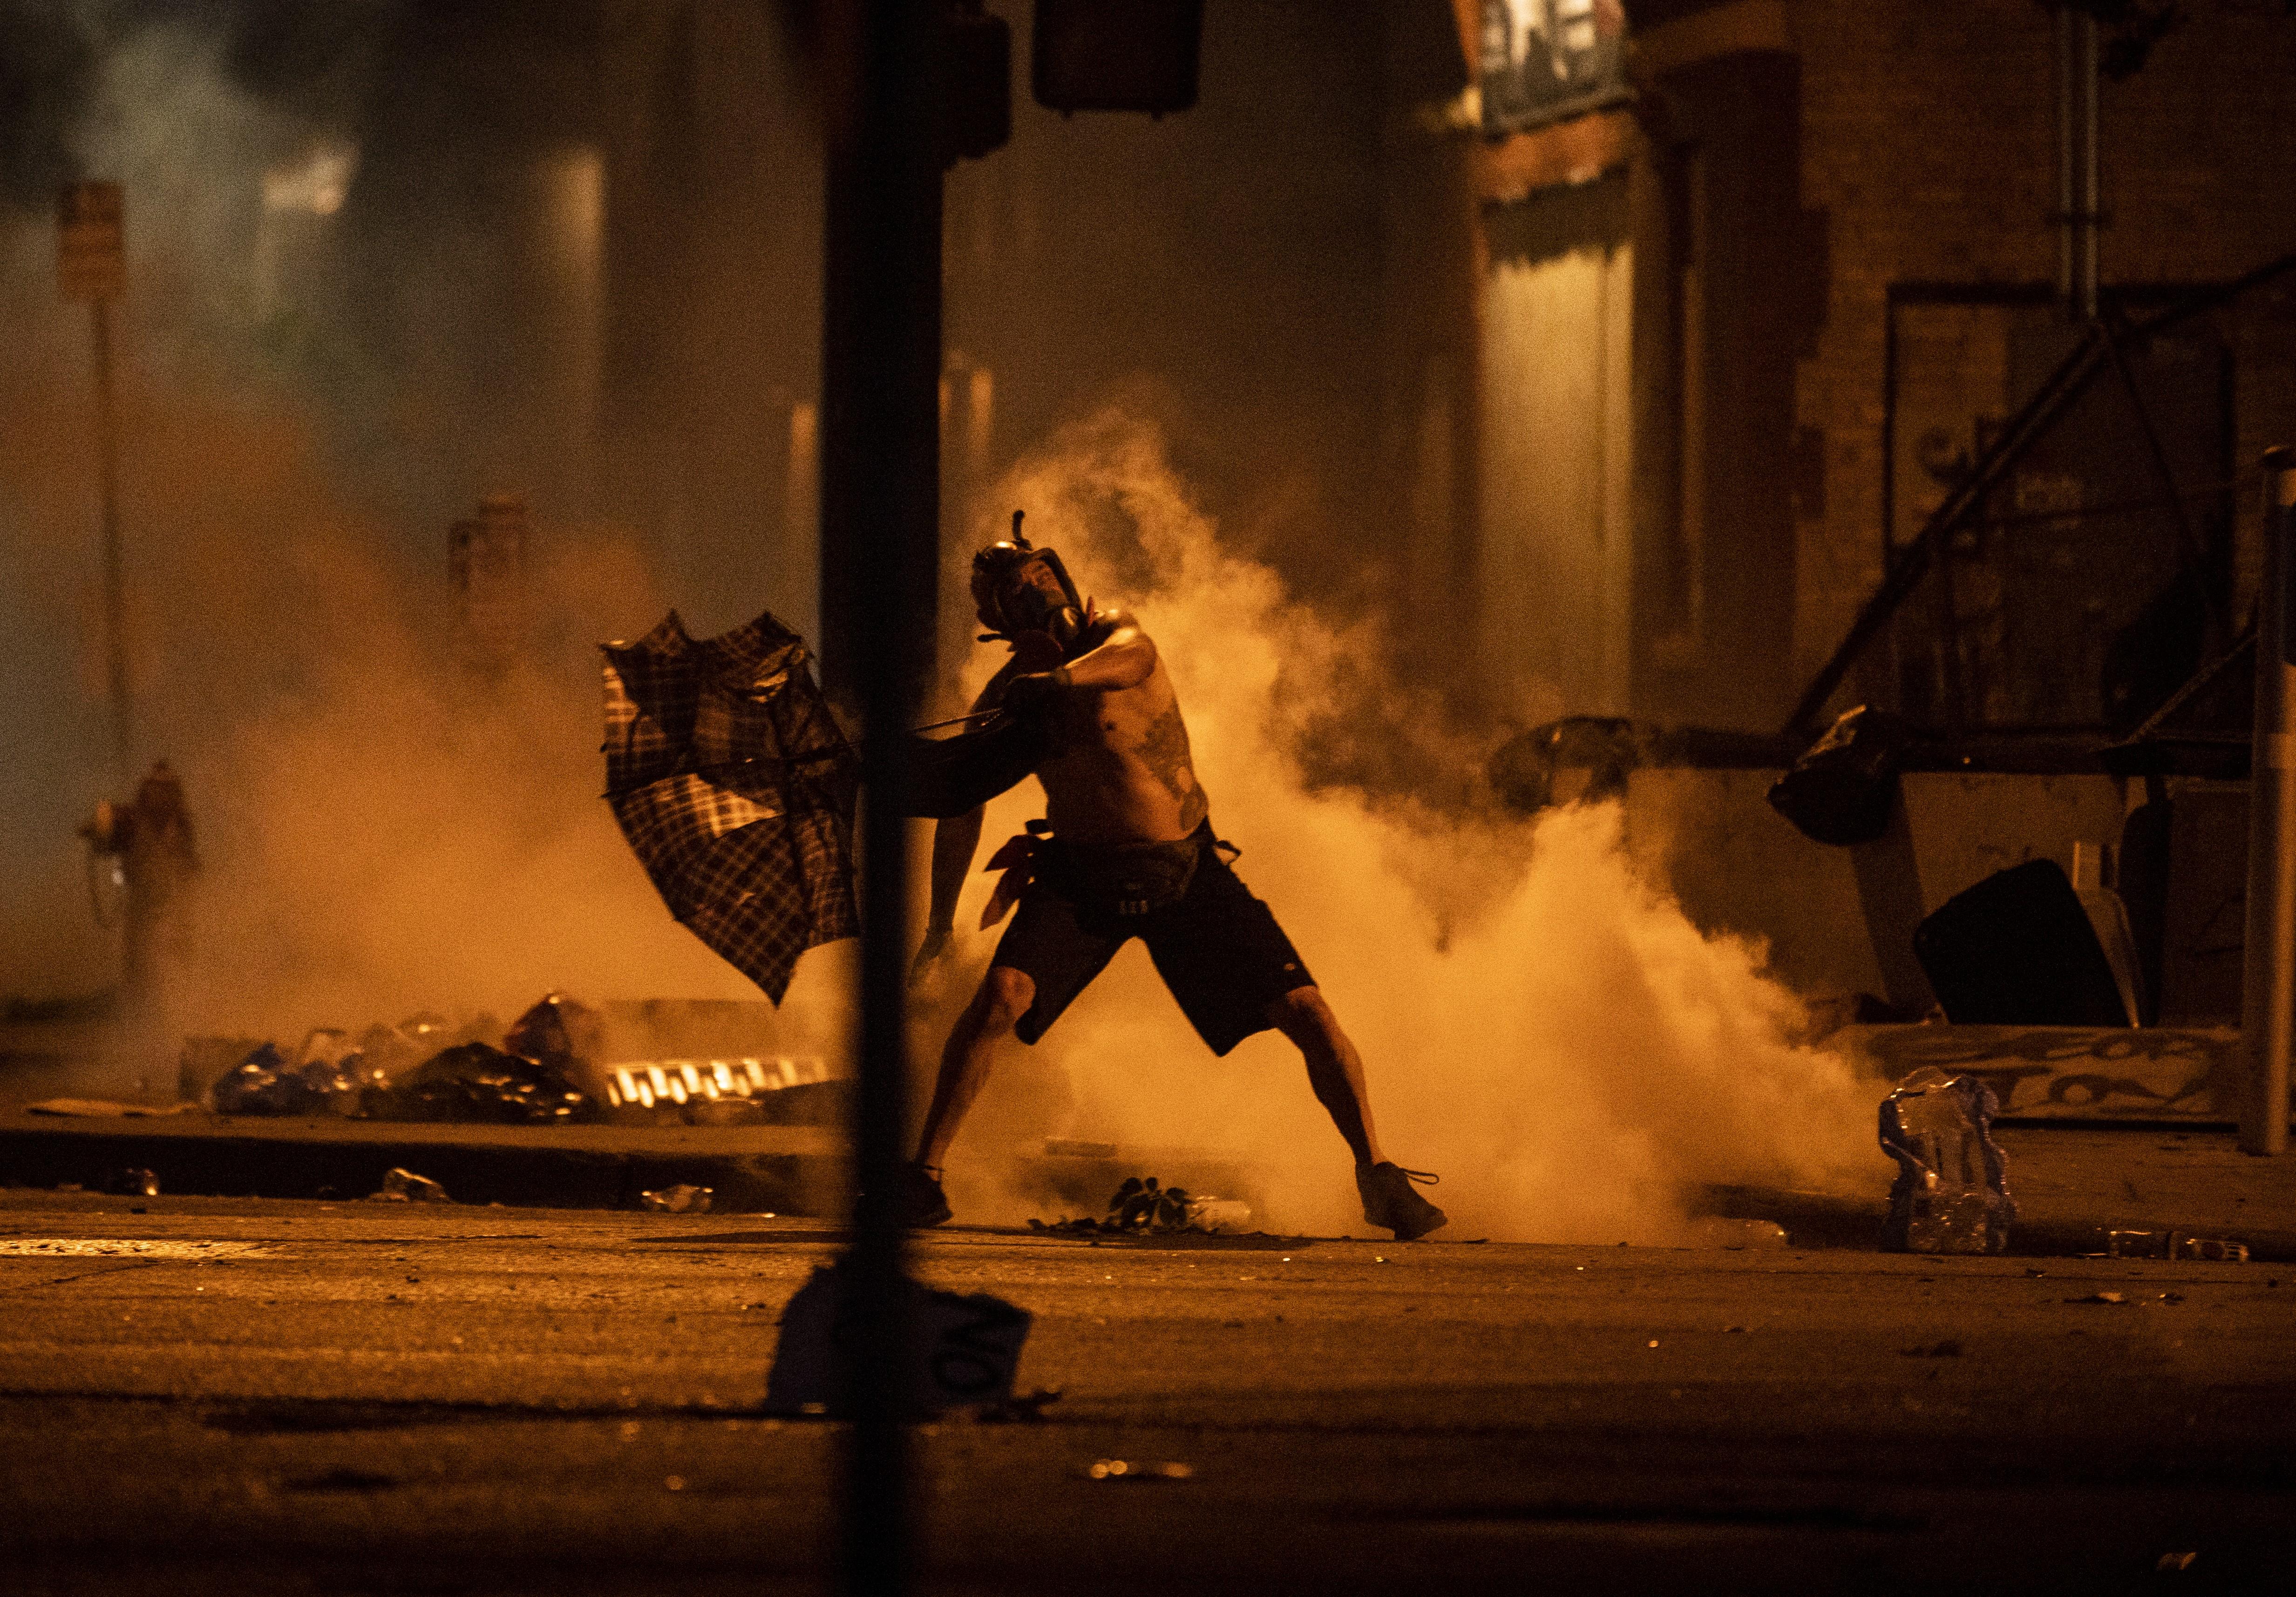 تأثير-استمرار-الاحتجاجات-على-حظوظ-ترمب-في-الانتخابات-القادمة--للخبر-بقية